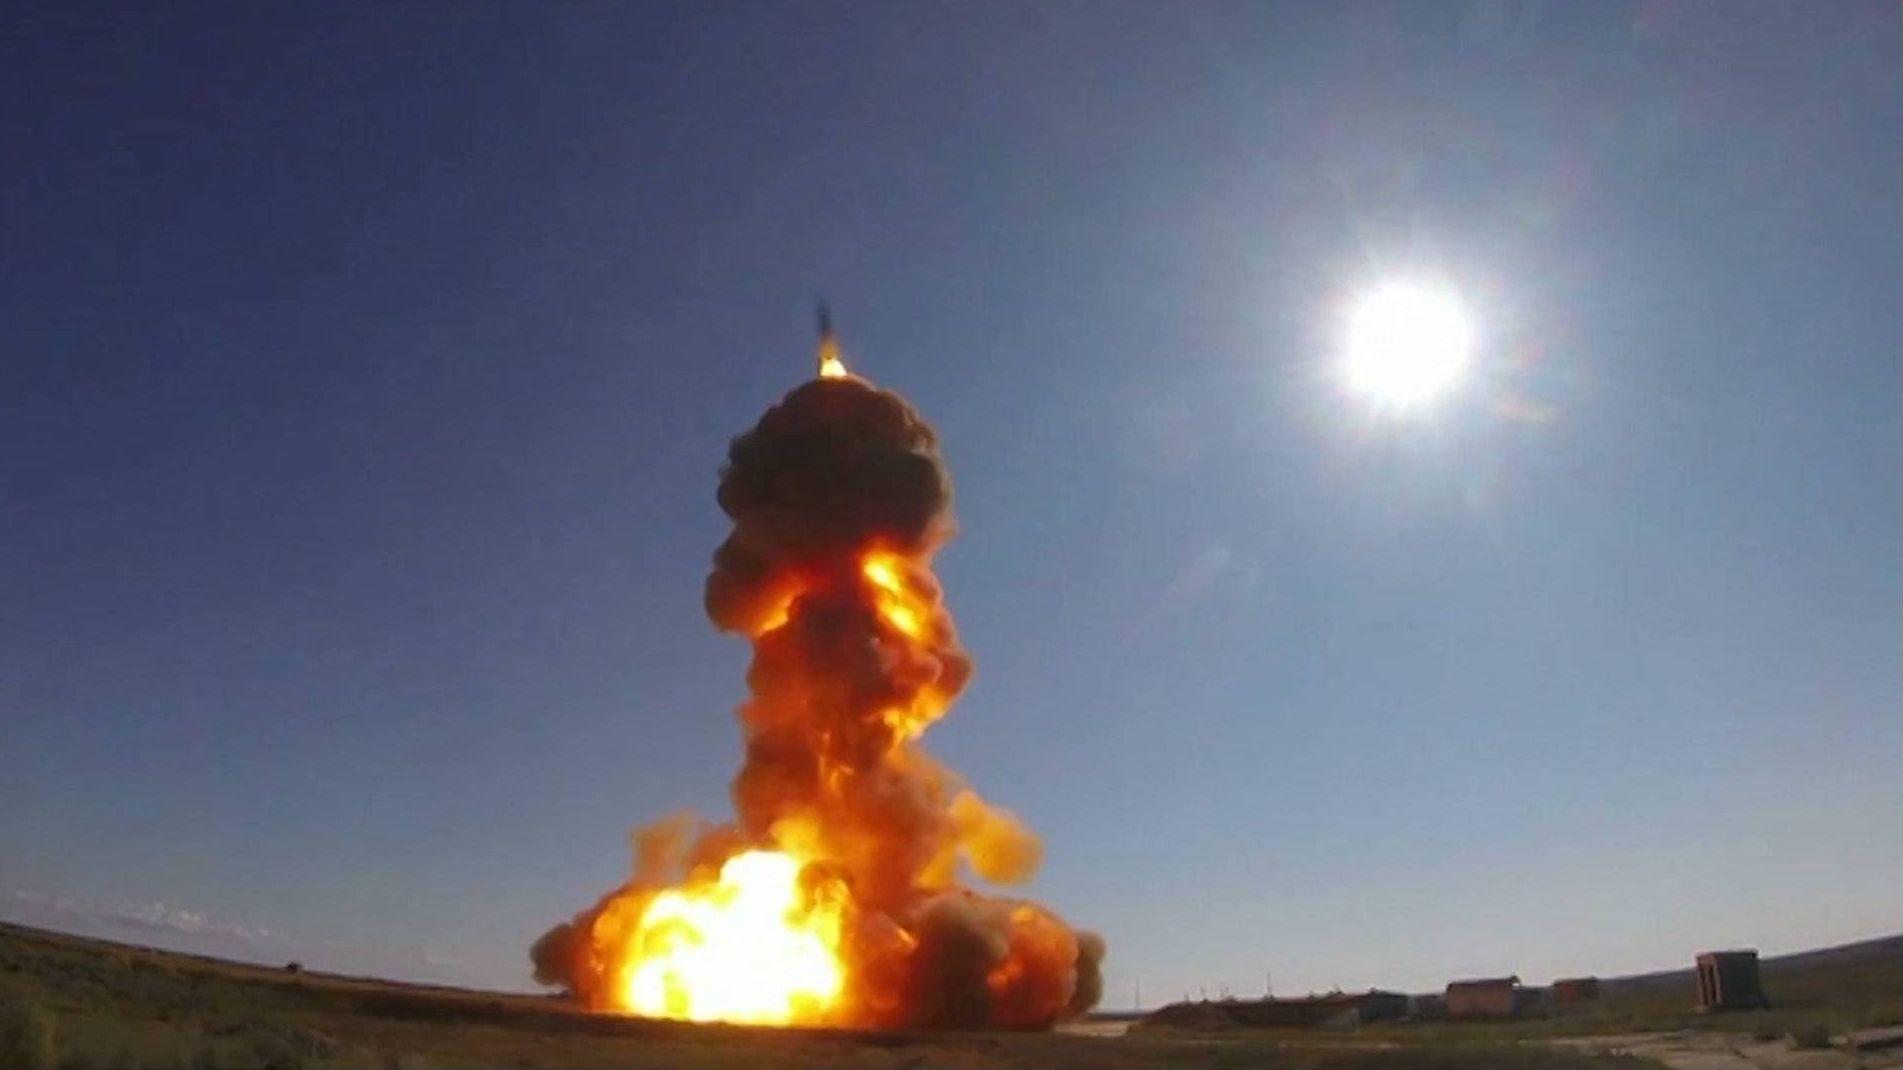 Цитата из видео «Воздушно-космические силы выполнили пуск новой противоракеты системы ПРО». mil.ru